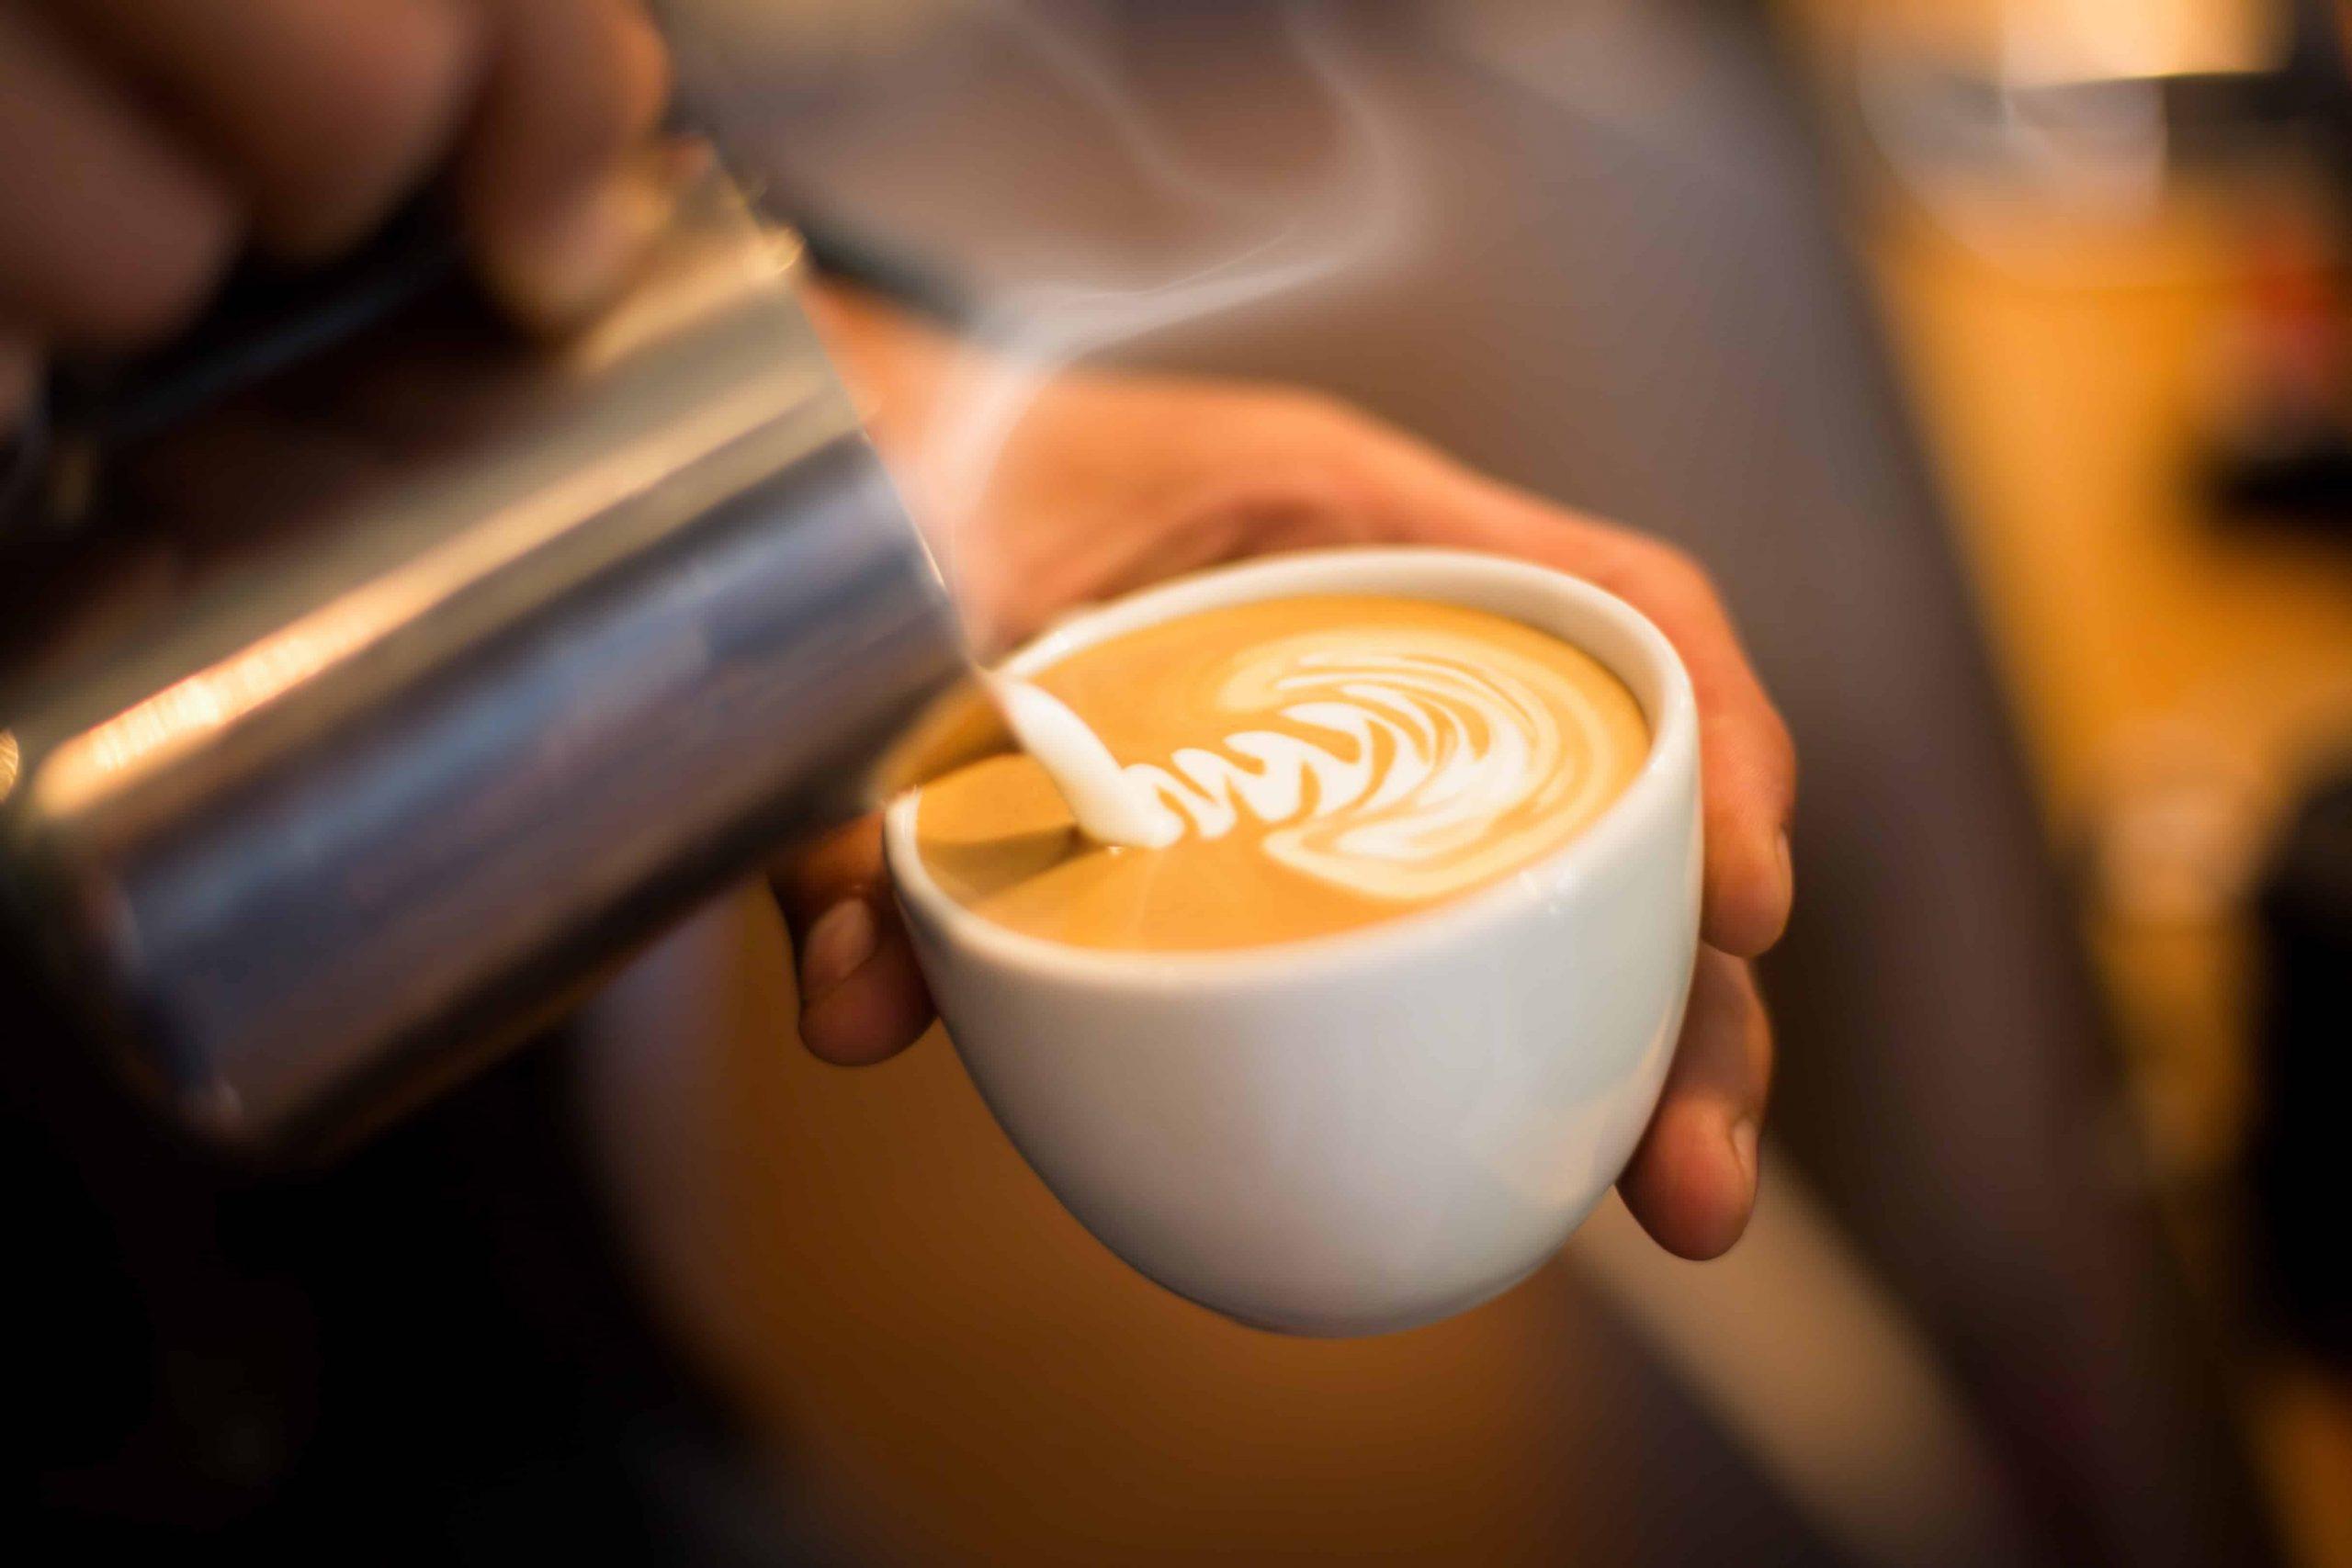 Den perfekten Kaffee kochen: Probleme und Lösungen